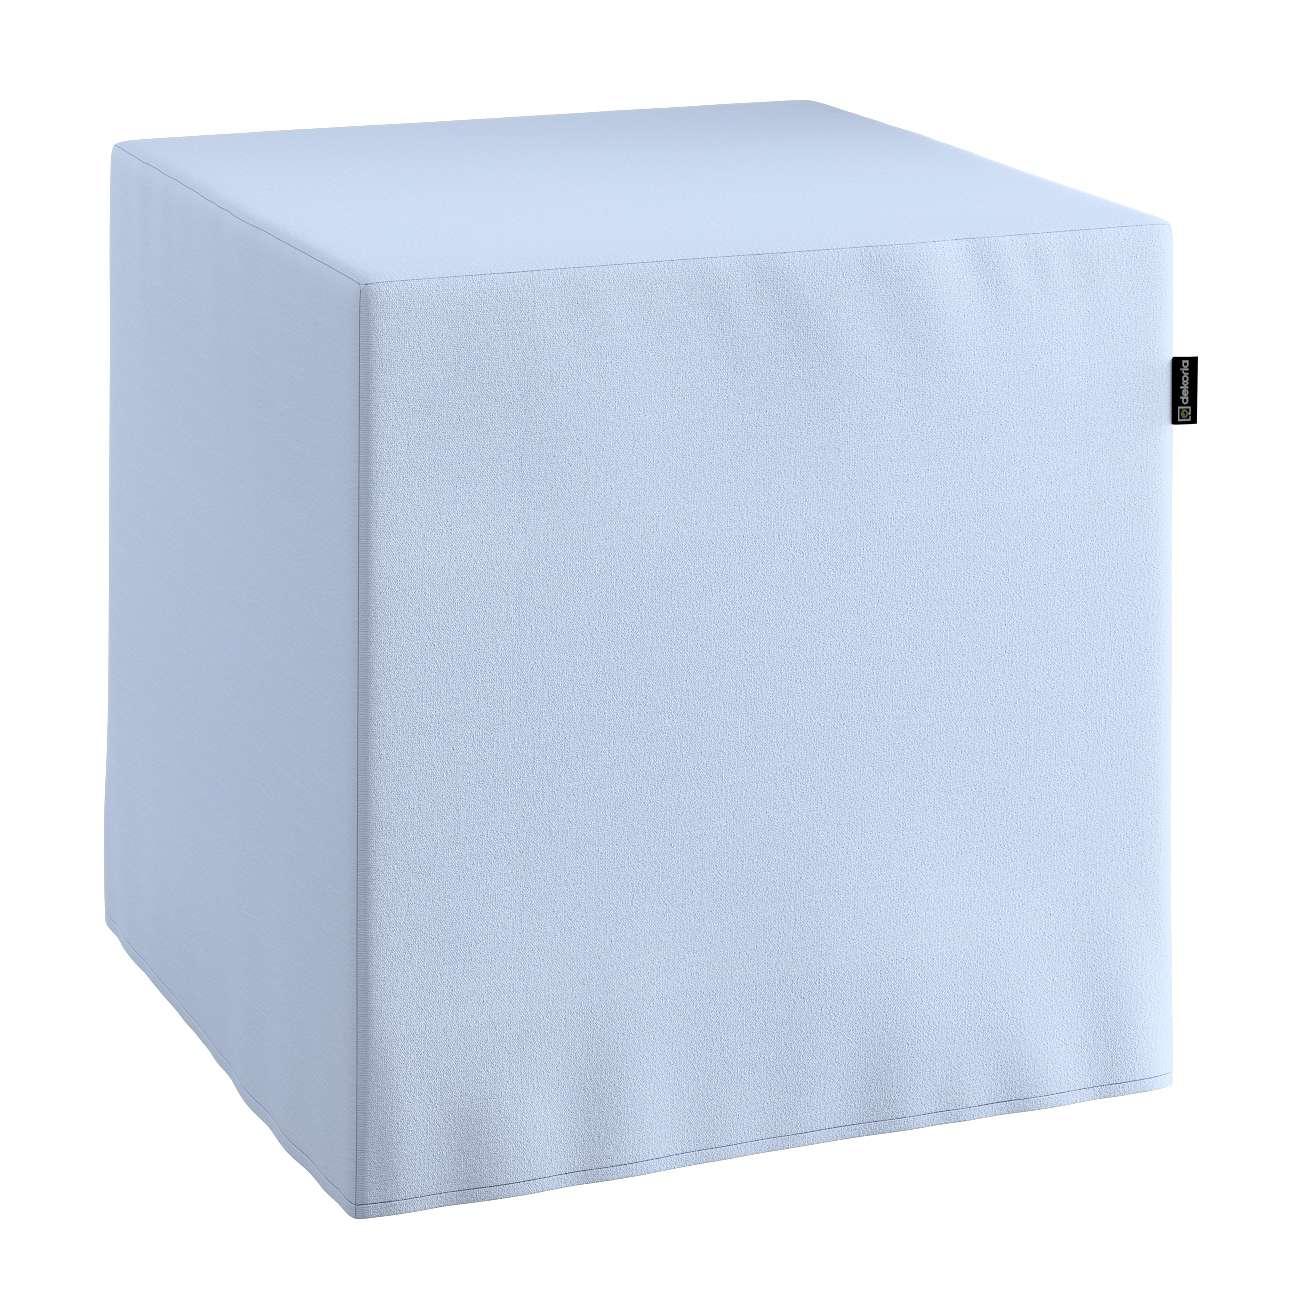 Sedák kostka - pevná 40 x 40 x 40 cm v kolekci Loneta, látka: 133-35